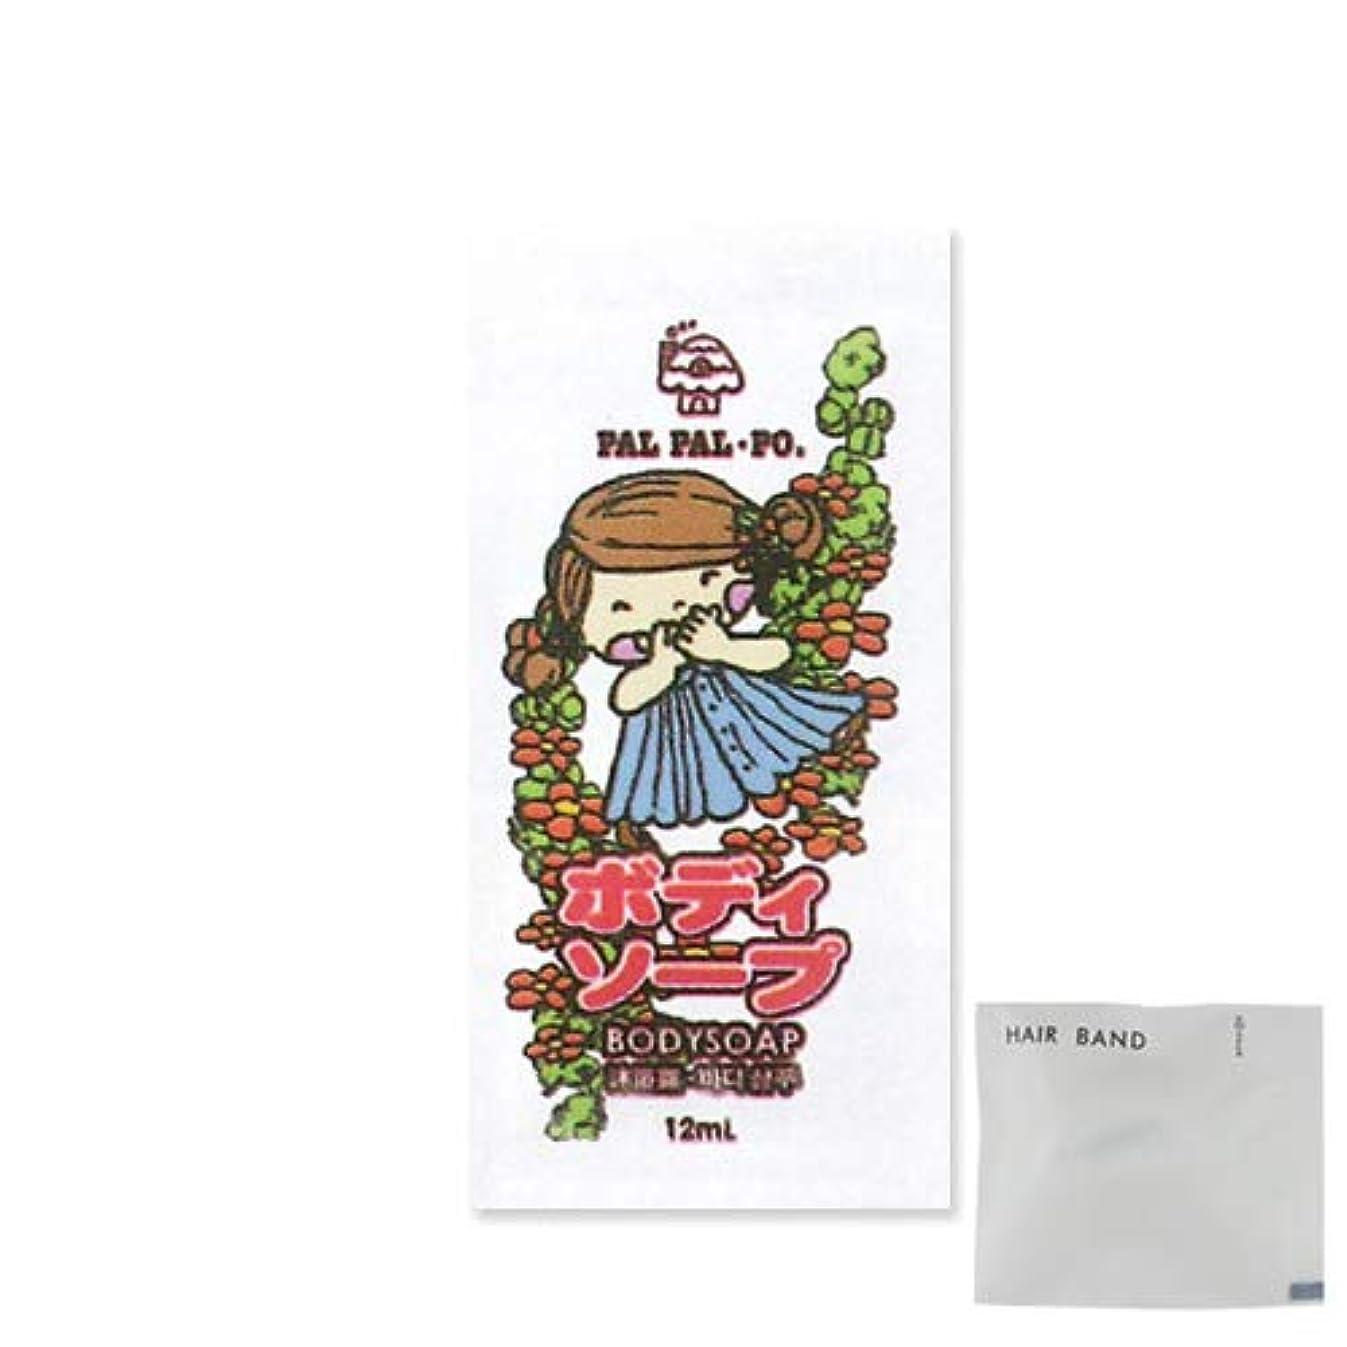 またはライブアマゾンジャングルパルパルポー(PAL PAL?PO) 子供用 ボディソープ(12mL) フローラルの香り ×20個セット + ヘアゴム(カラーはおまかせ)セット